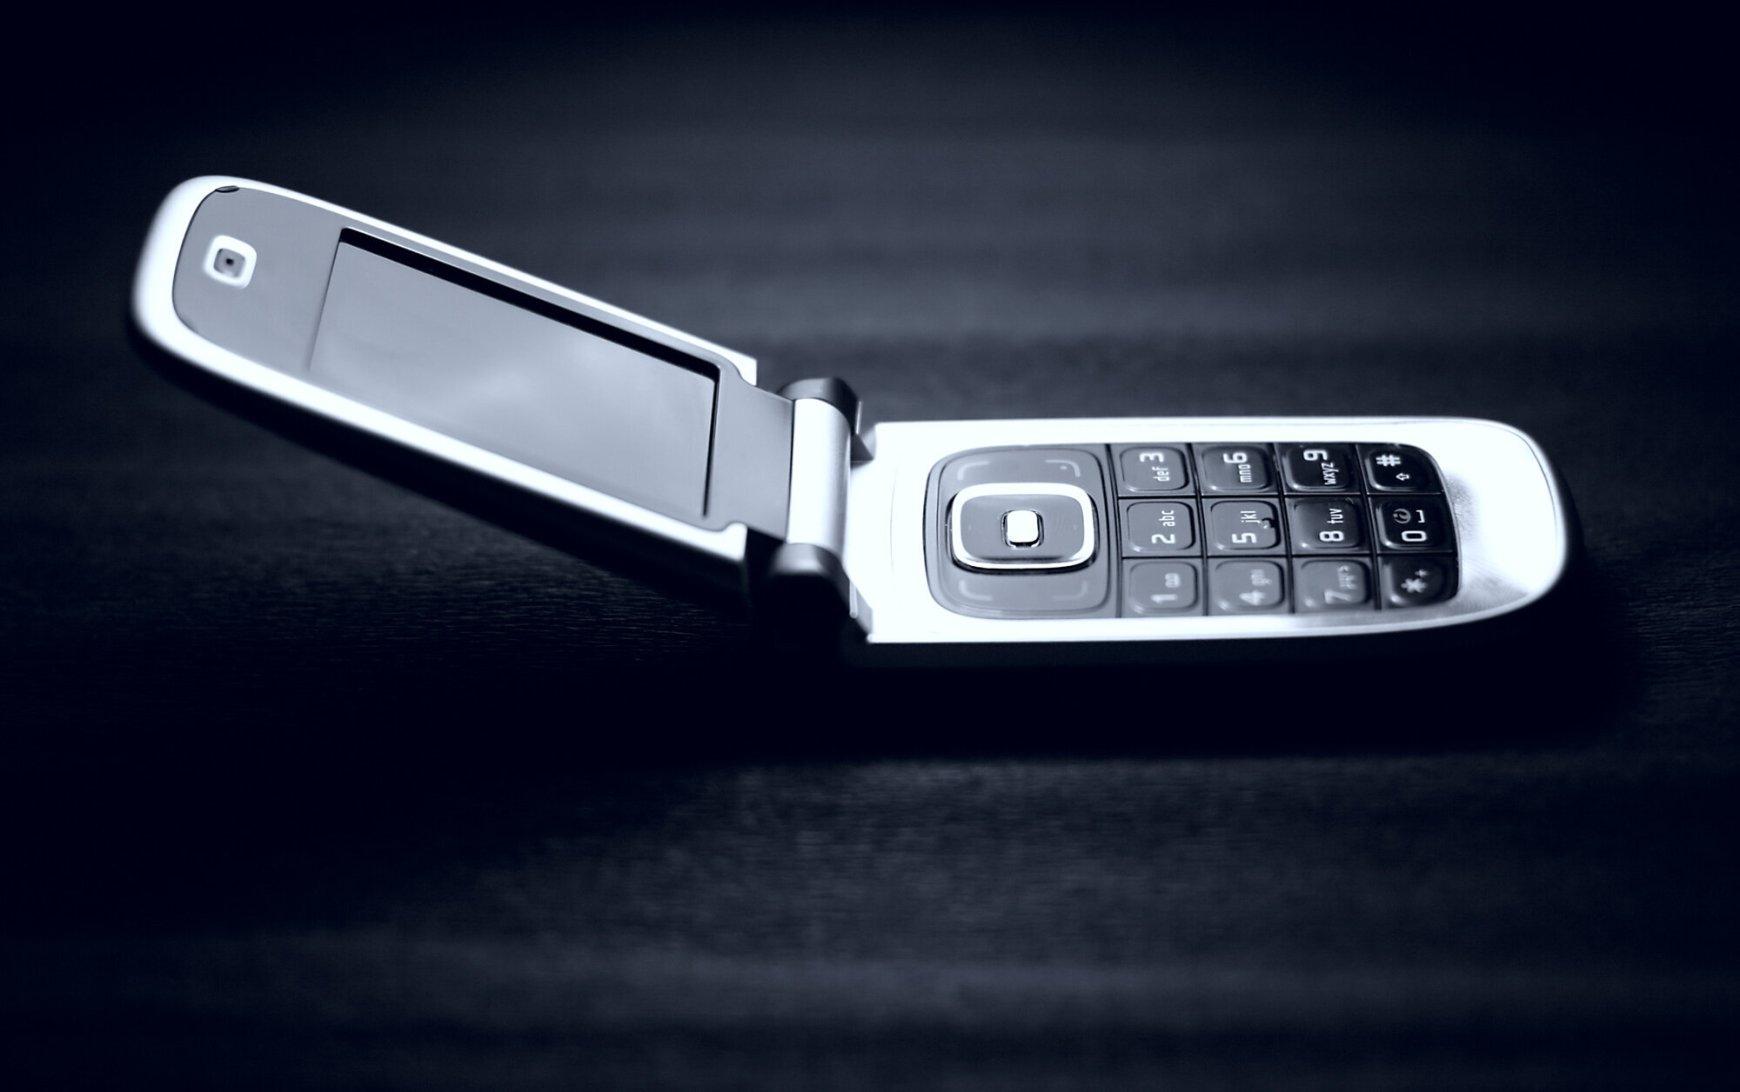 Αυτή η εταιρεία δίνει 900 ευρώ σε όποιον μπορέσει να εγκαταλείψει το smartphone του για μια